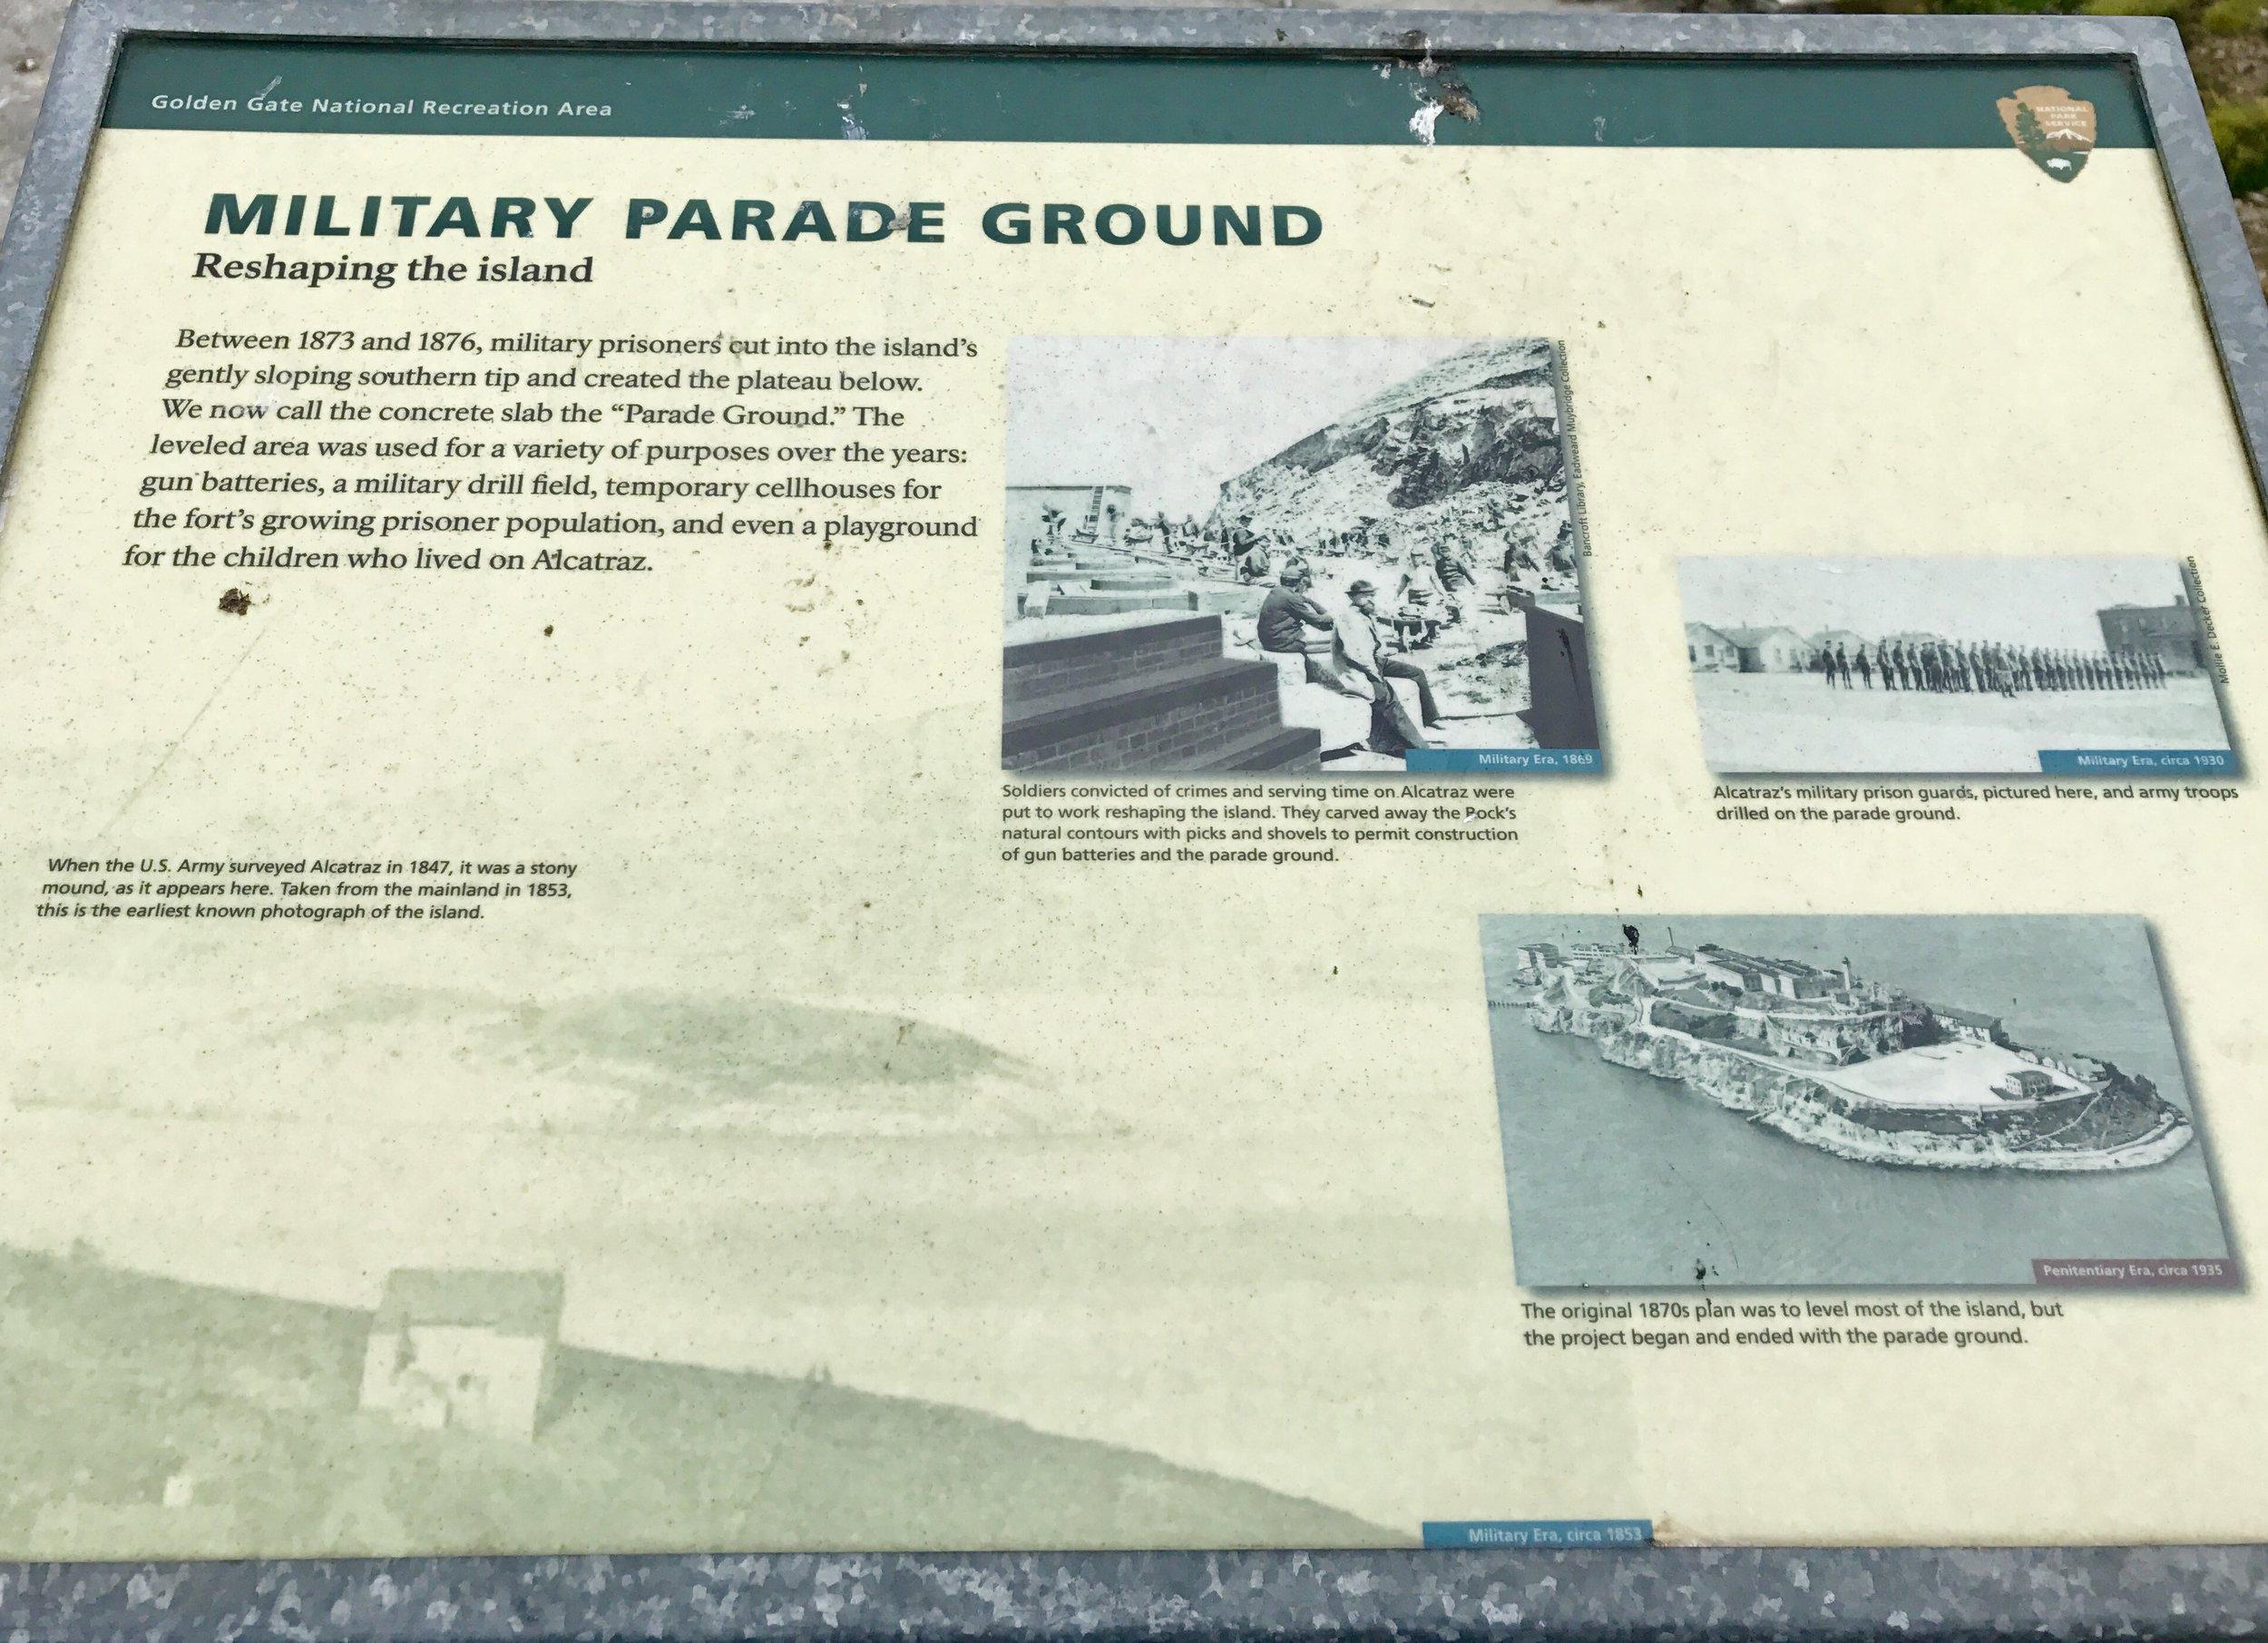 Military Parade Ground